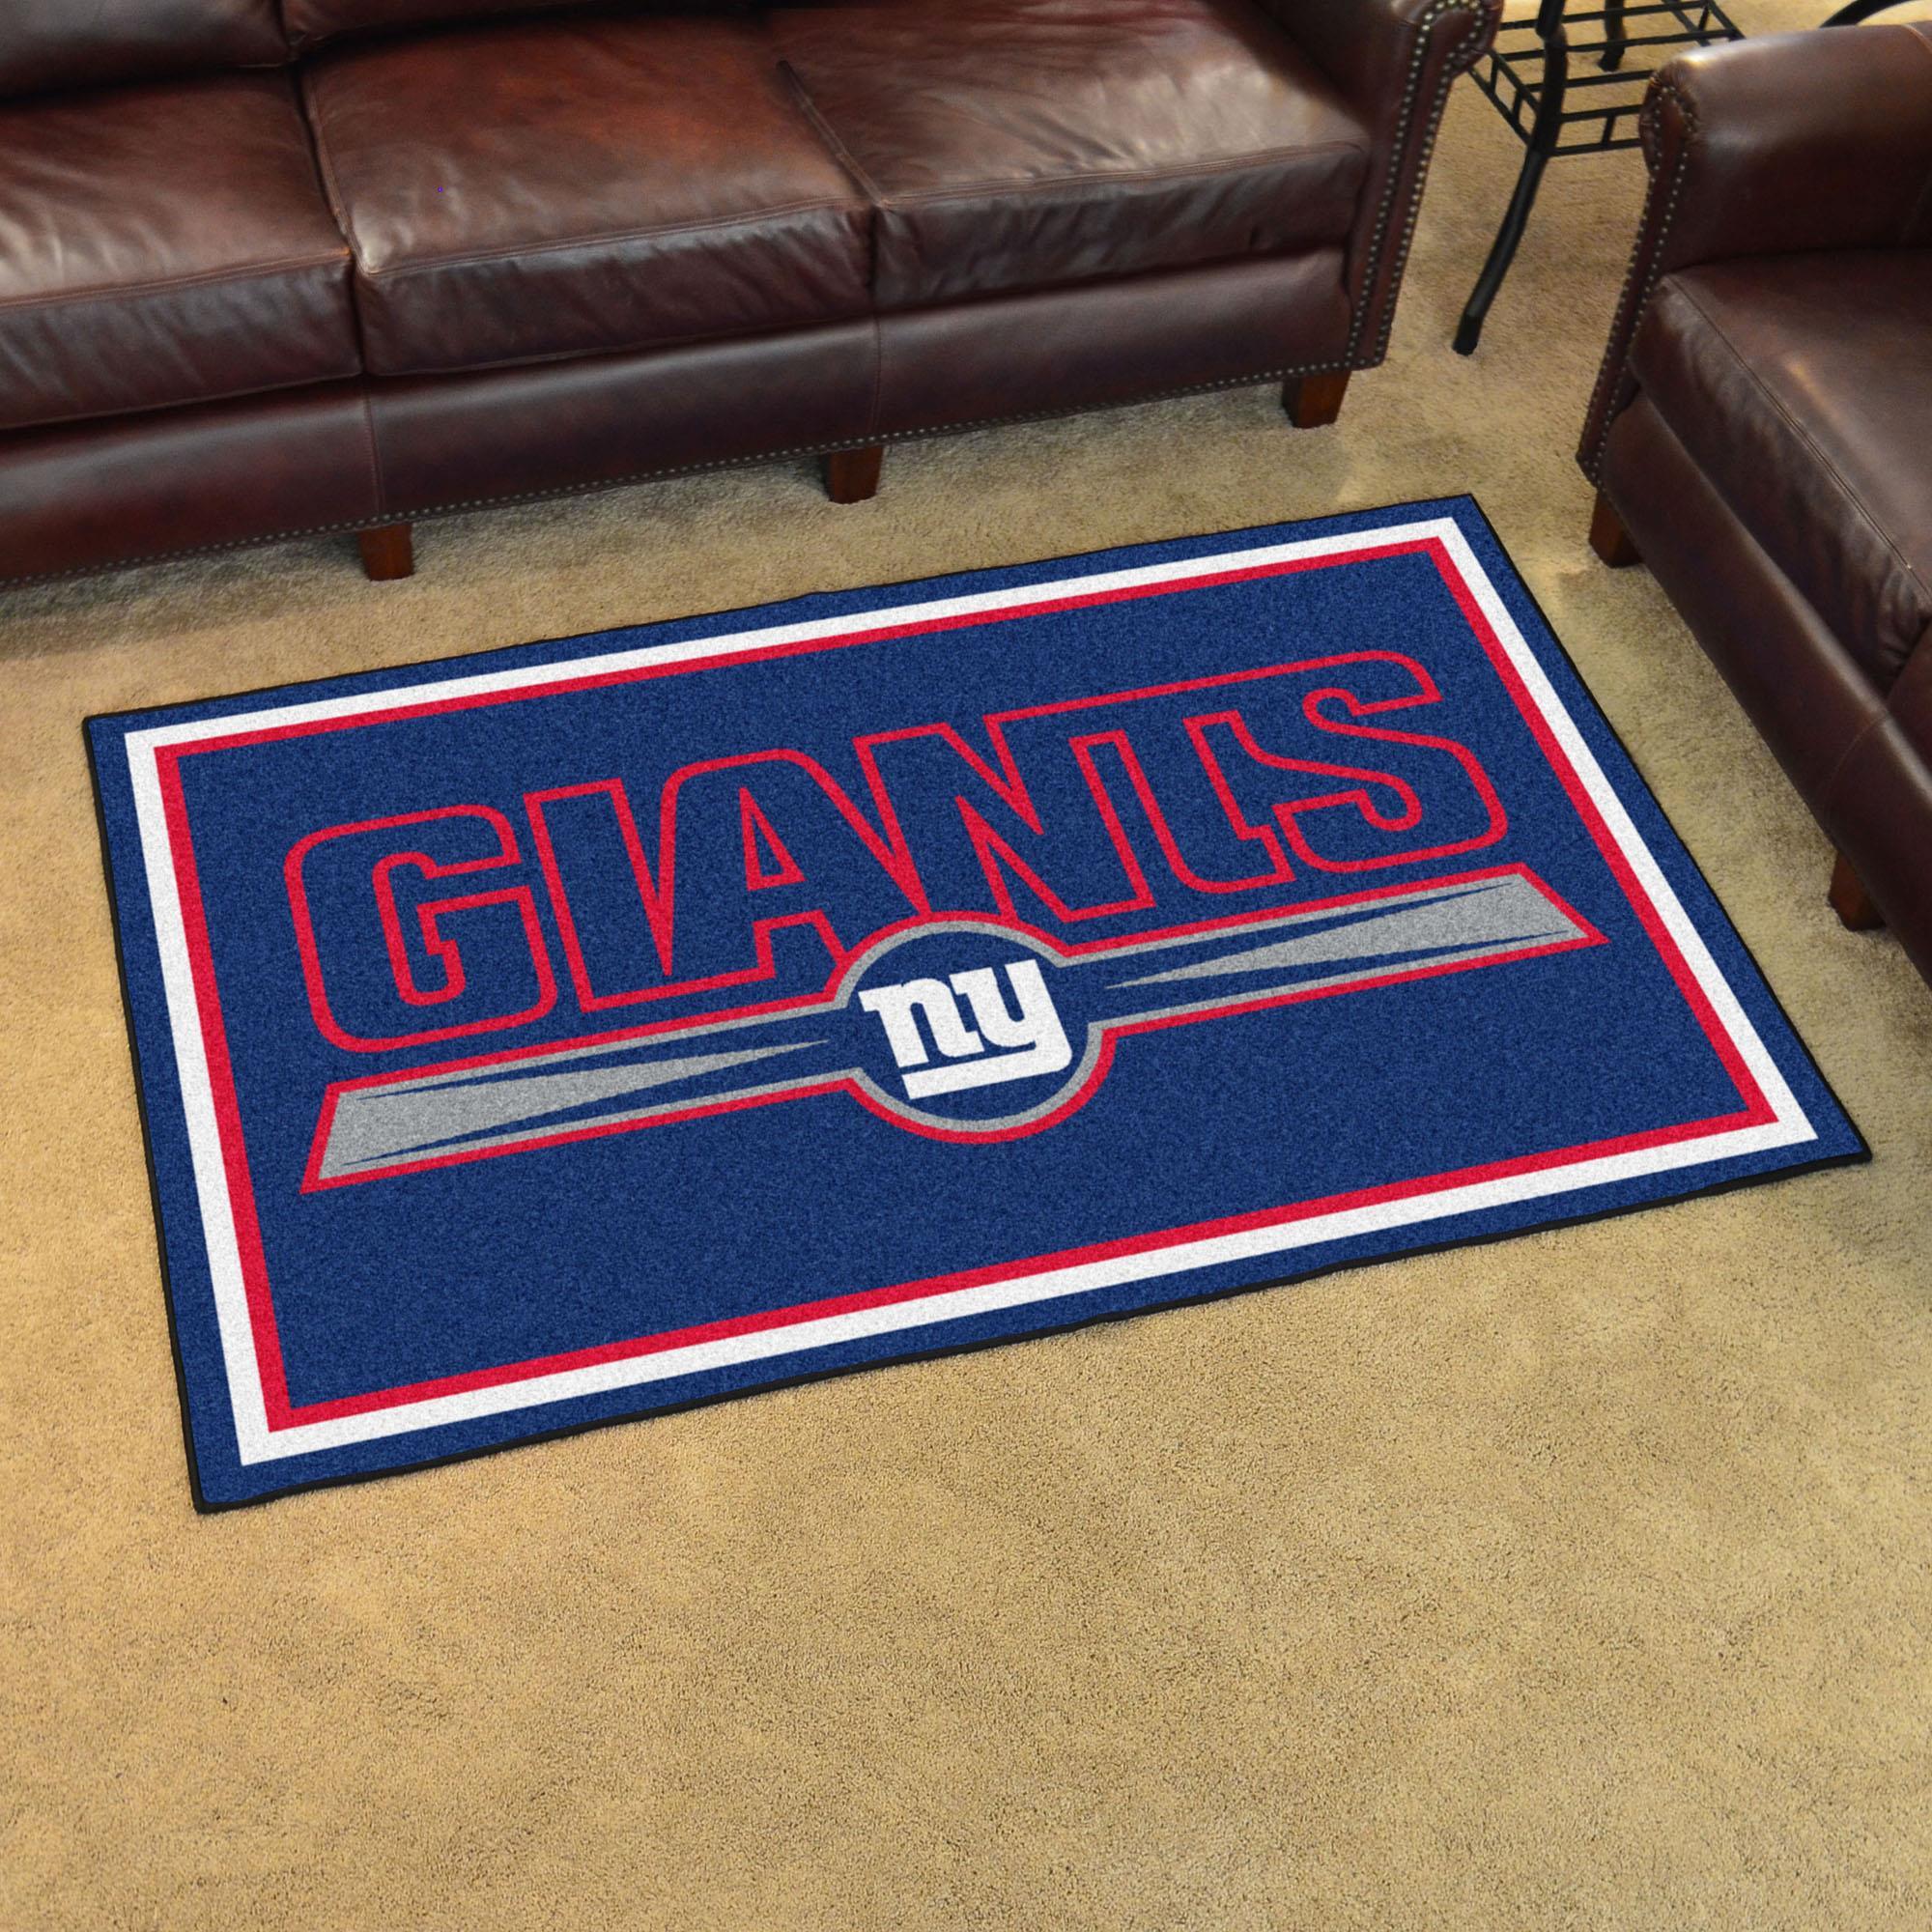 New York Giants Area Rug - 4'x6'